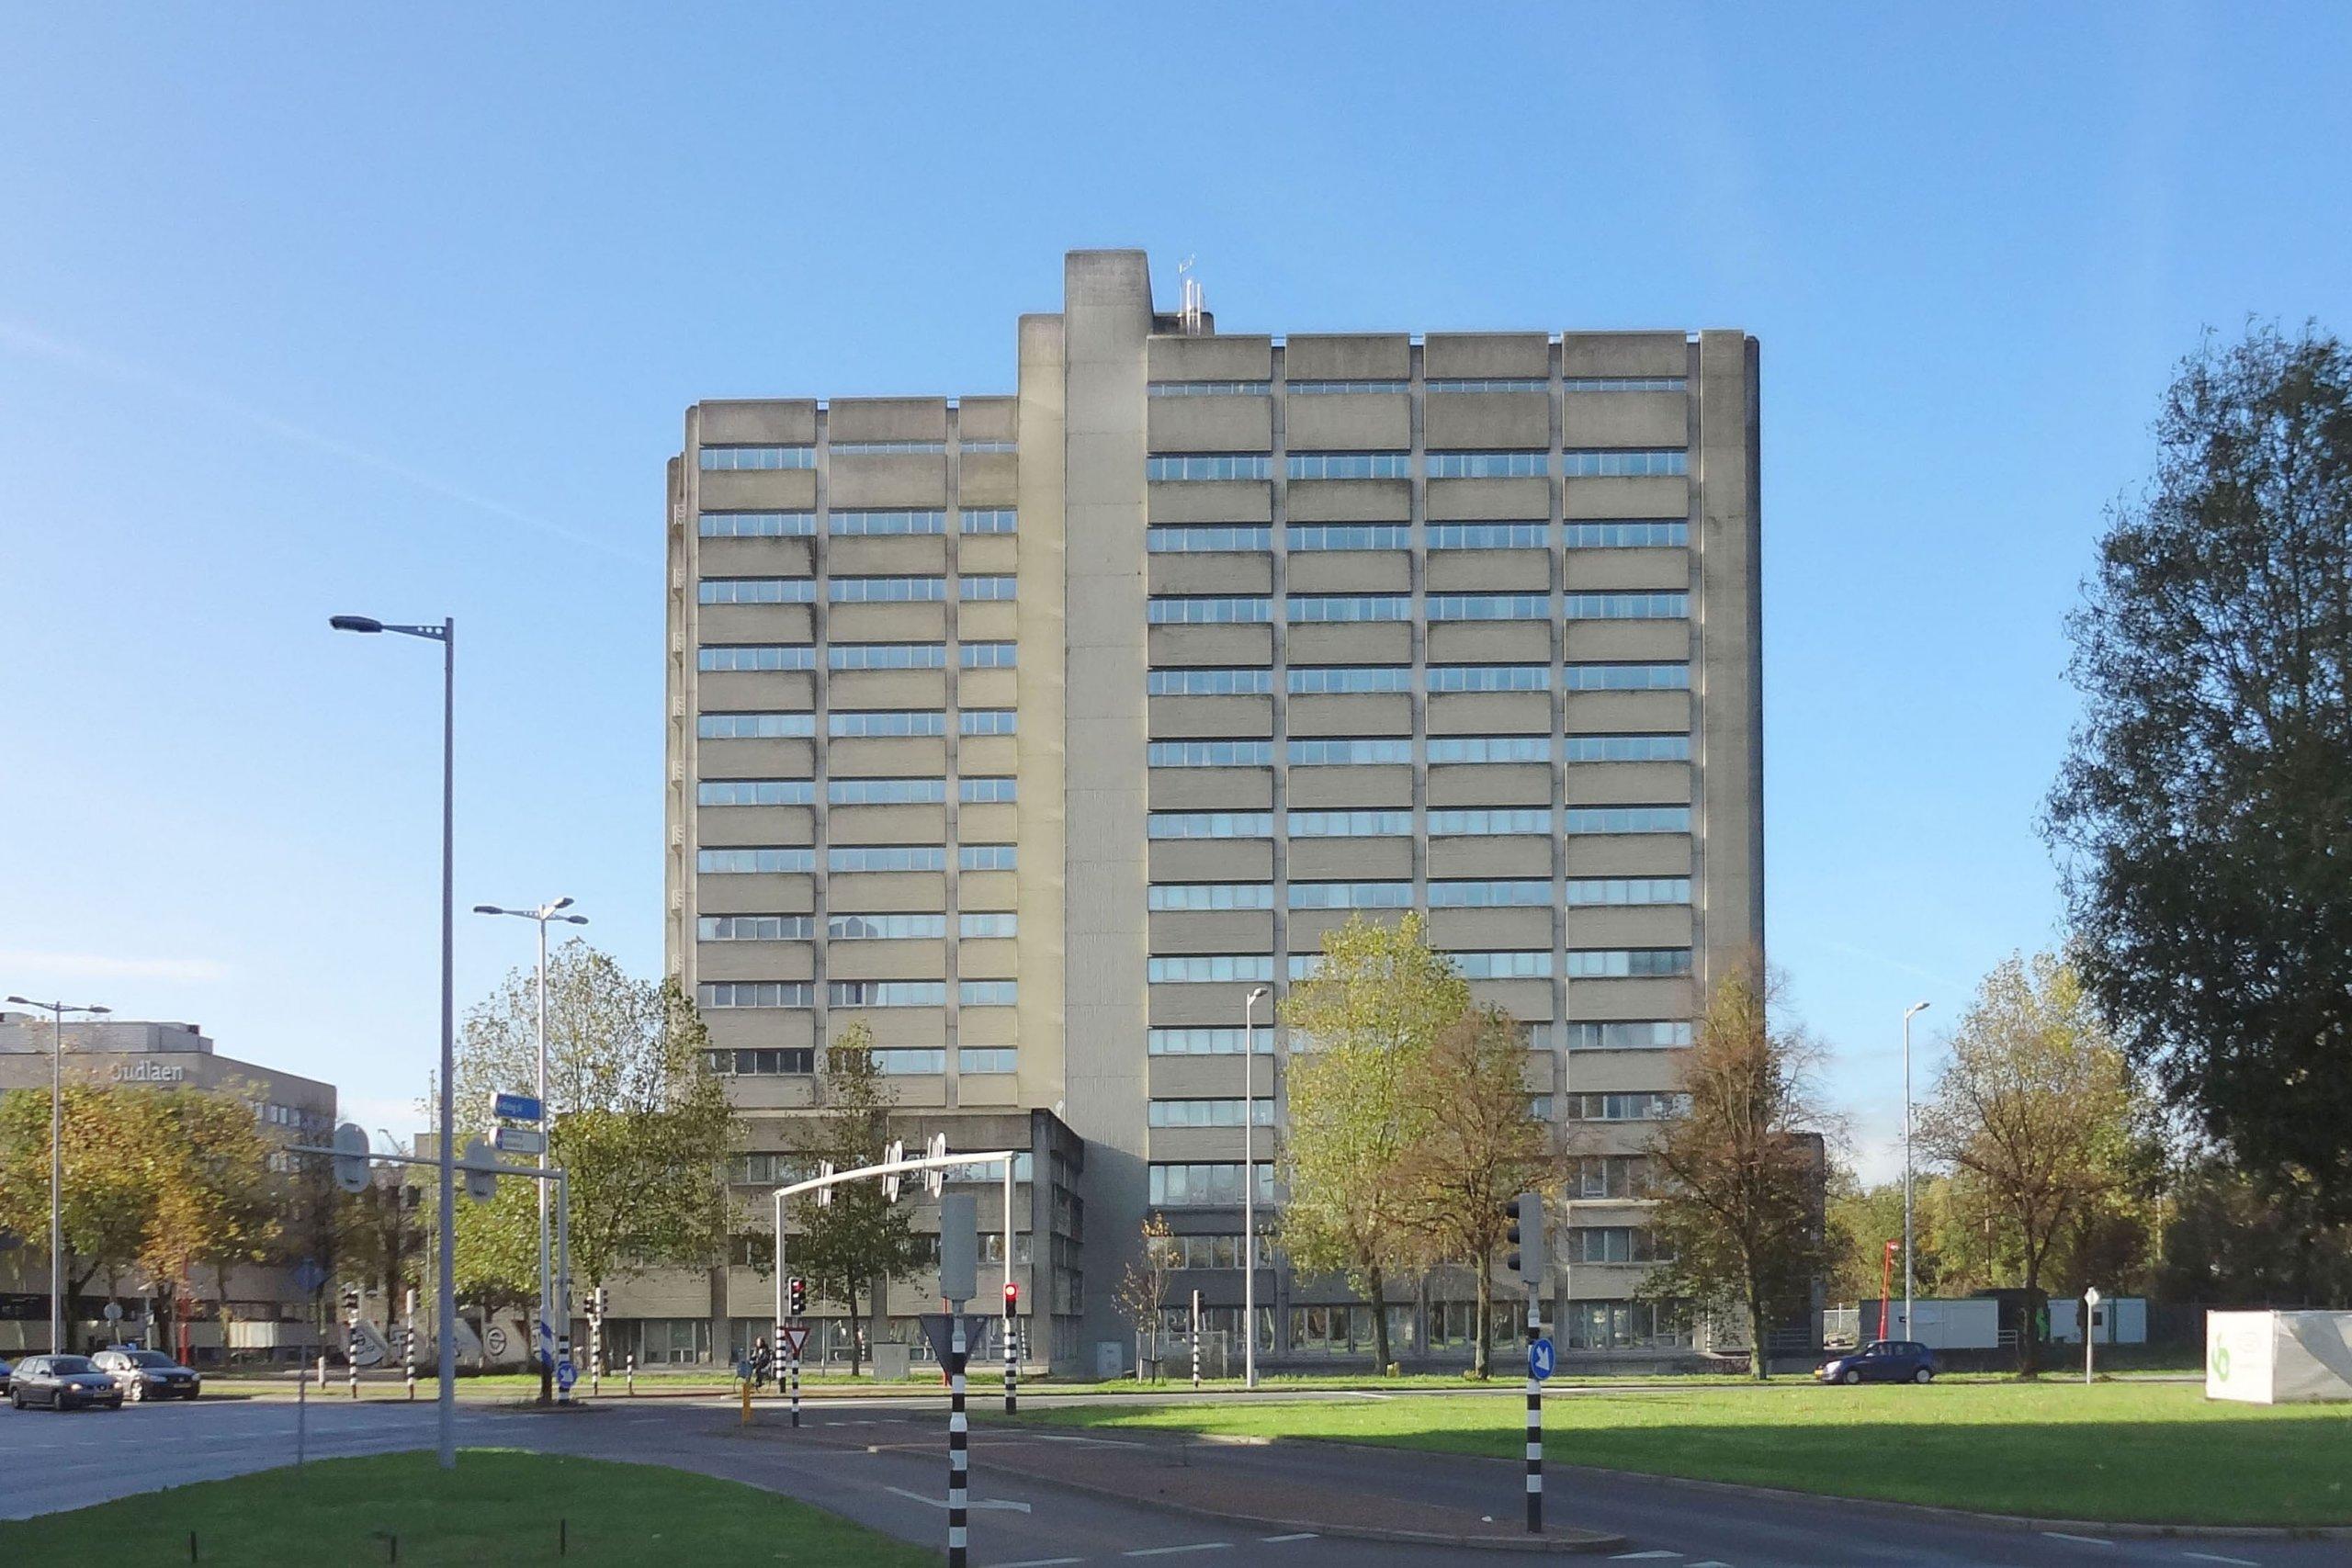 foto van het bestaande belastingkantoor dat herbestemd wordt tot studentenhuisvesting